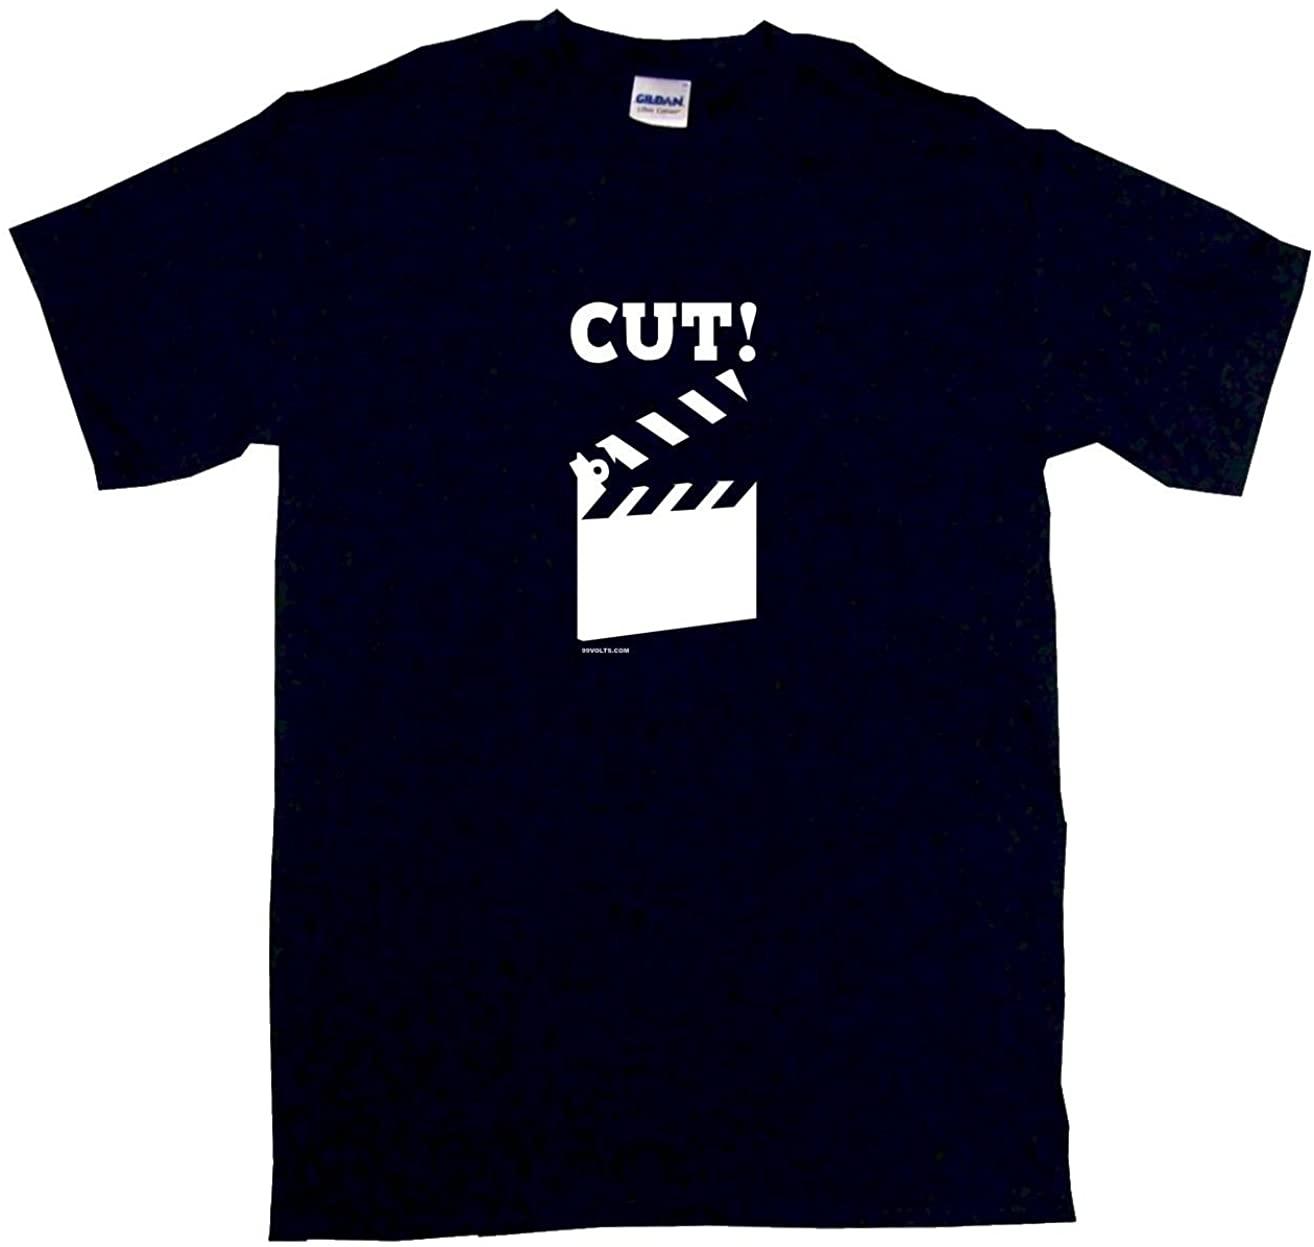 99 Volts Cut Movie Clap Board Men's Tee Shirt